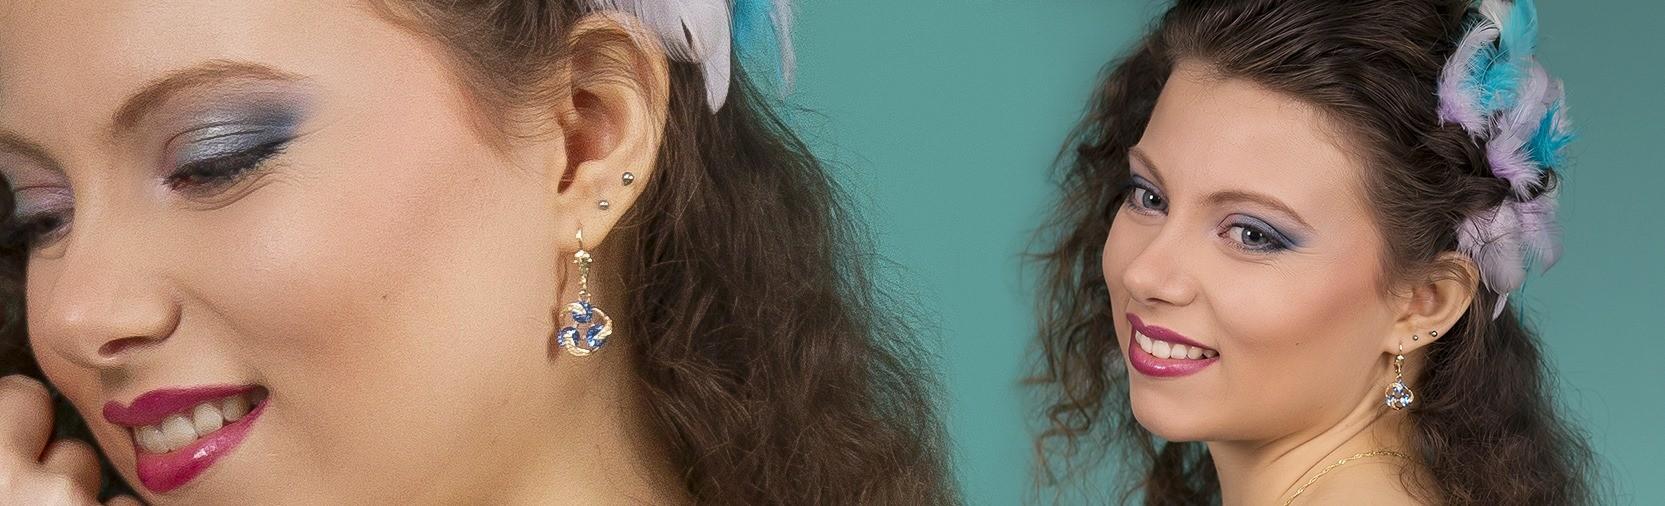 """Nos bijoux portés par la magnifique Marine Duhamel, prise par la photographe Amélie Devit et habillée par """"Et le temps s'arrête"""""""